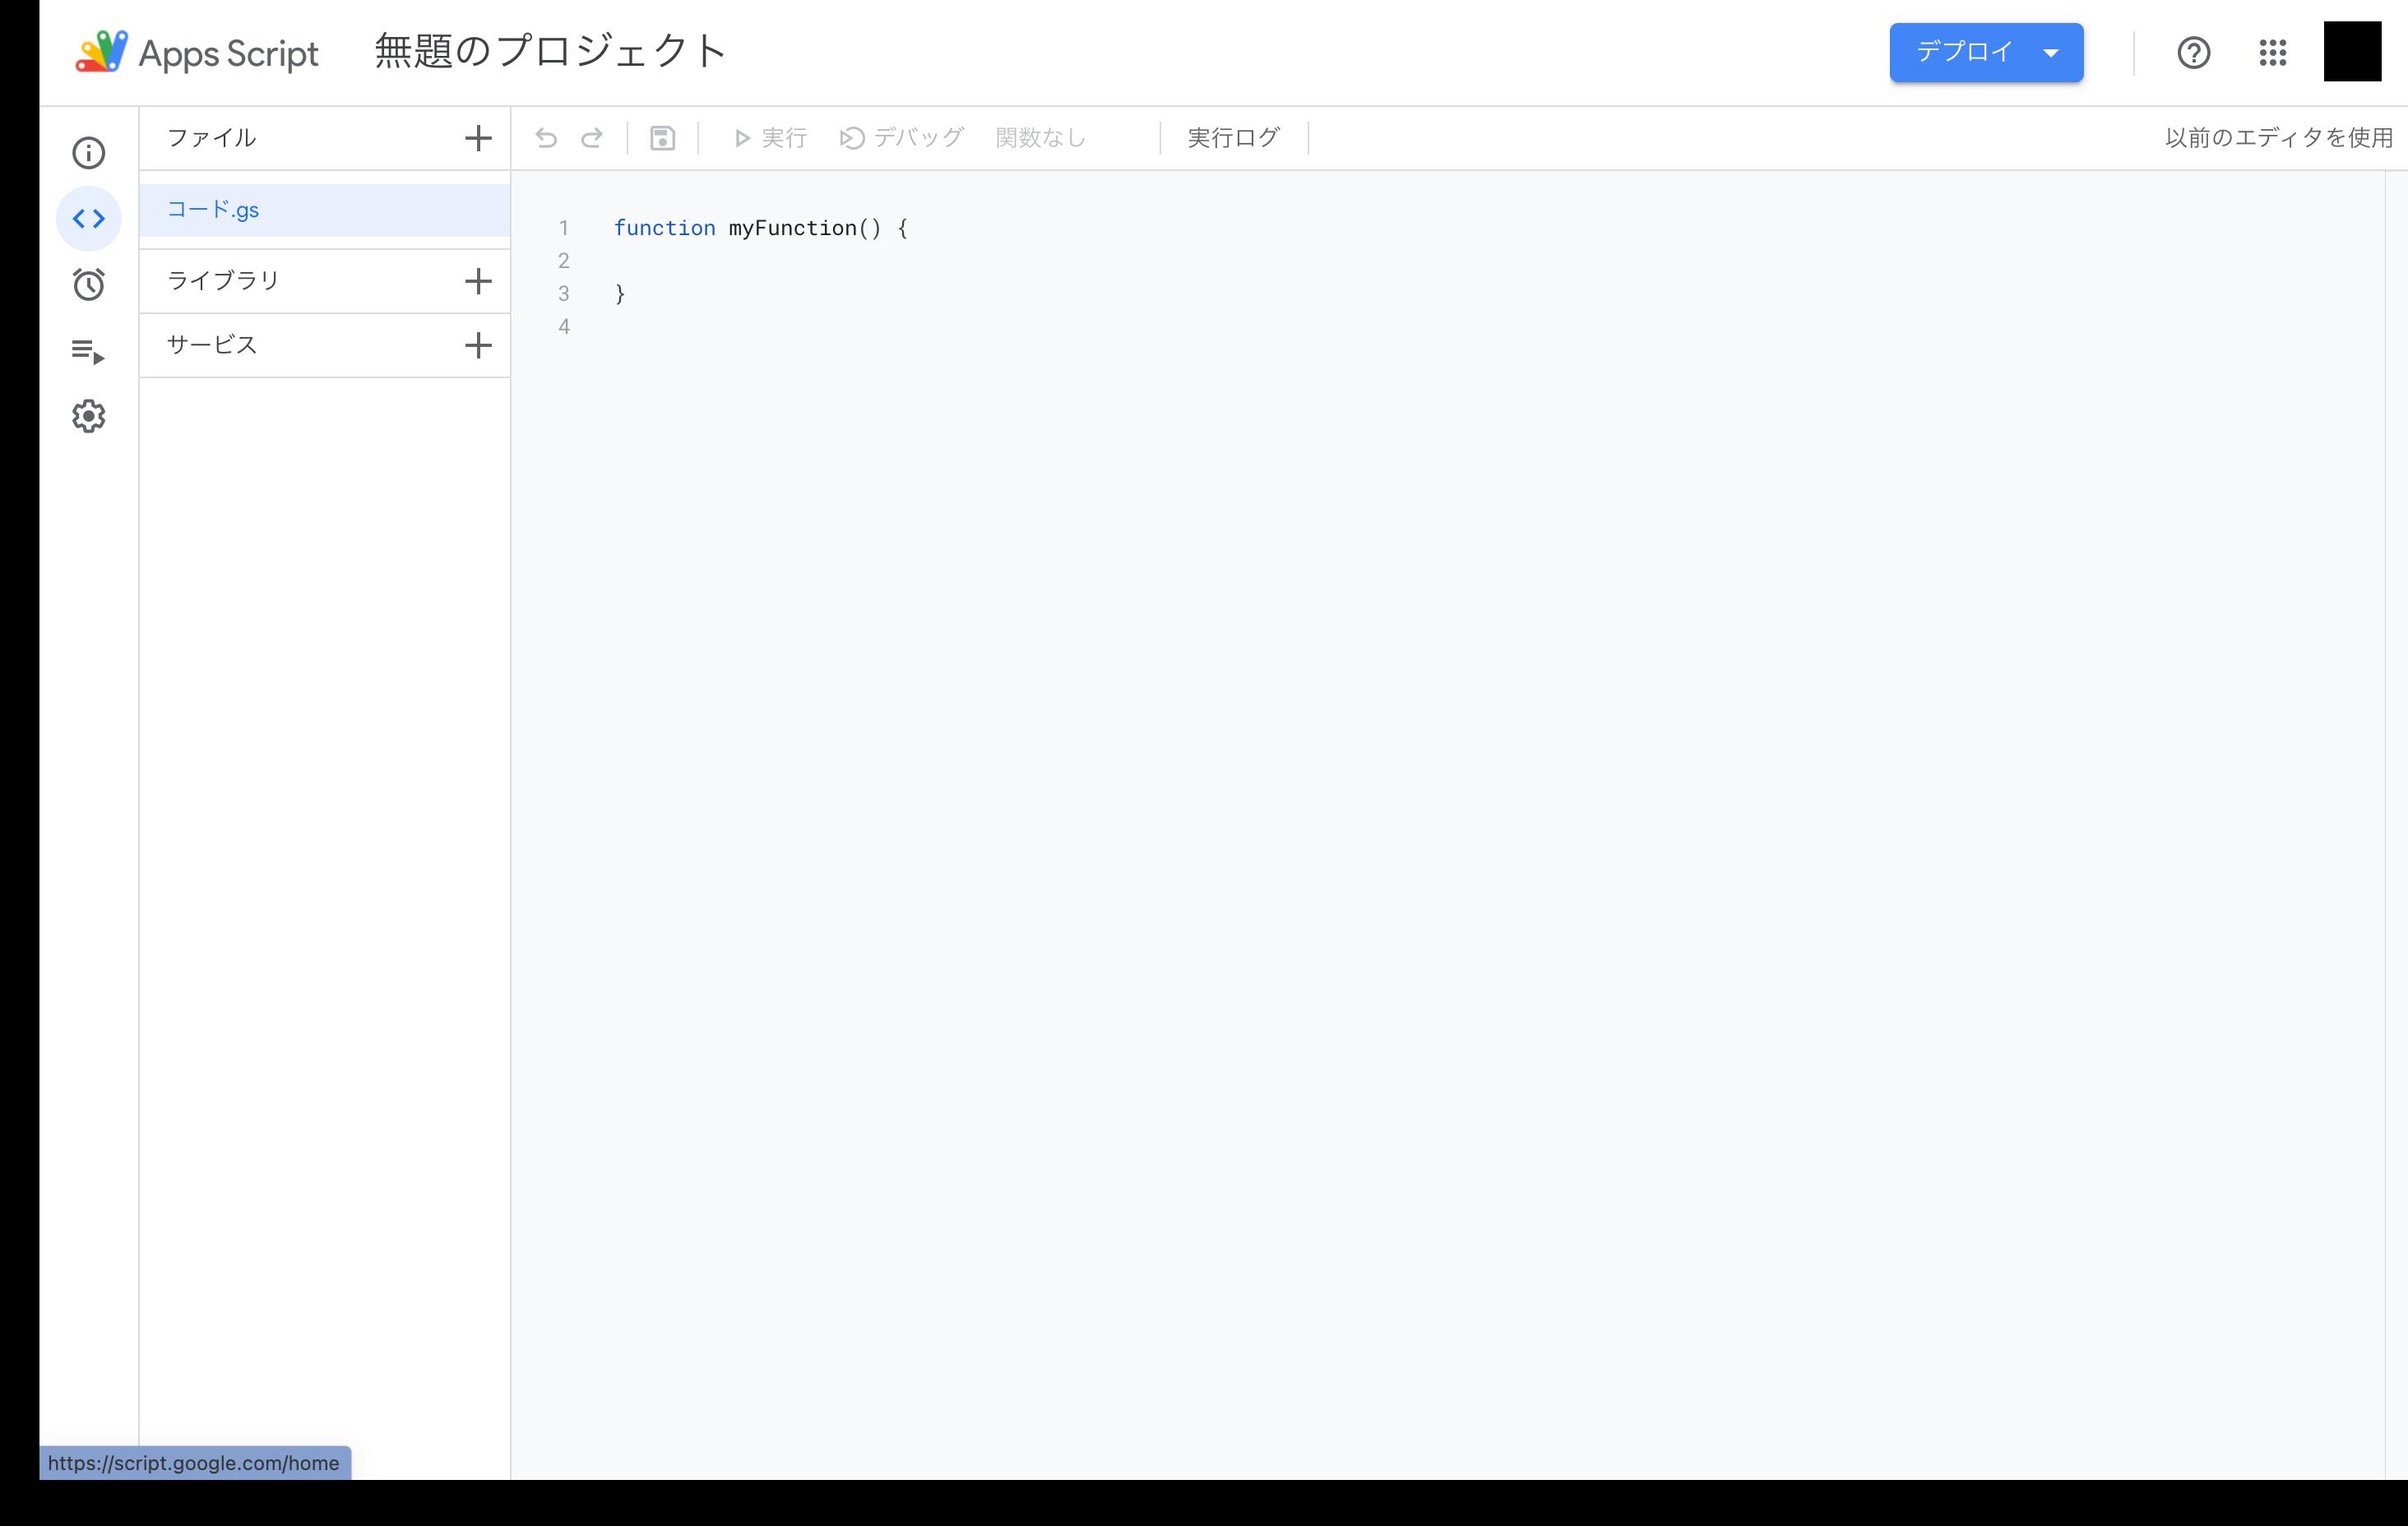 スクリーンショット 2021-01-30 16.26.37.png